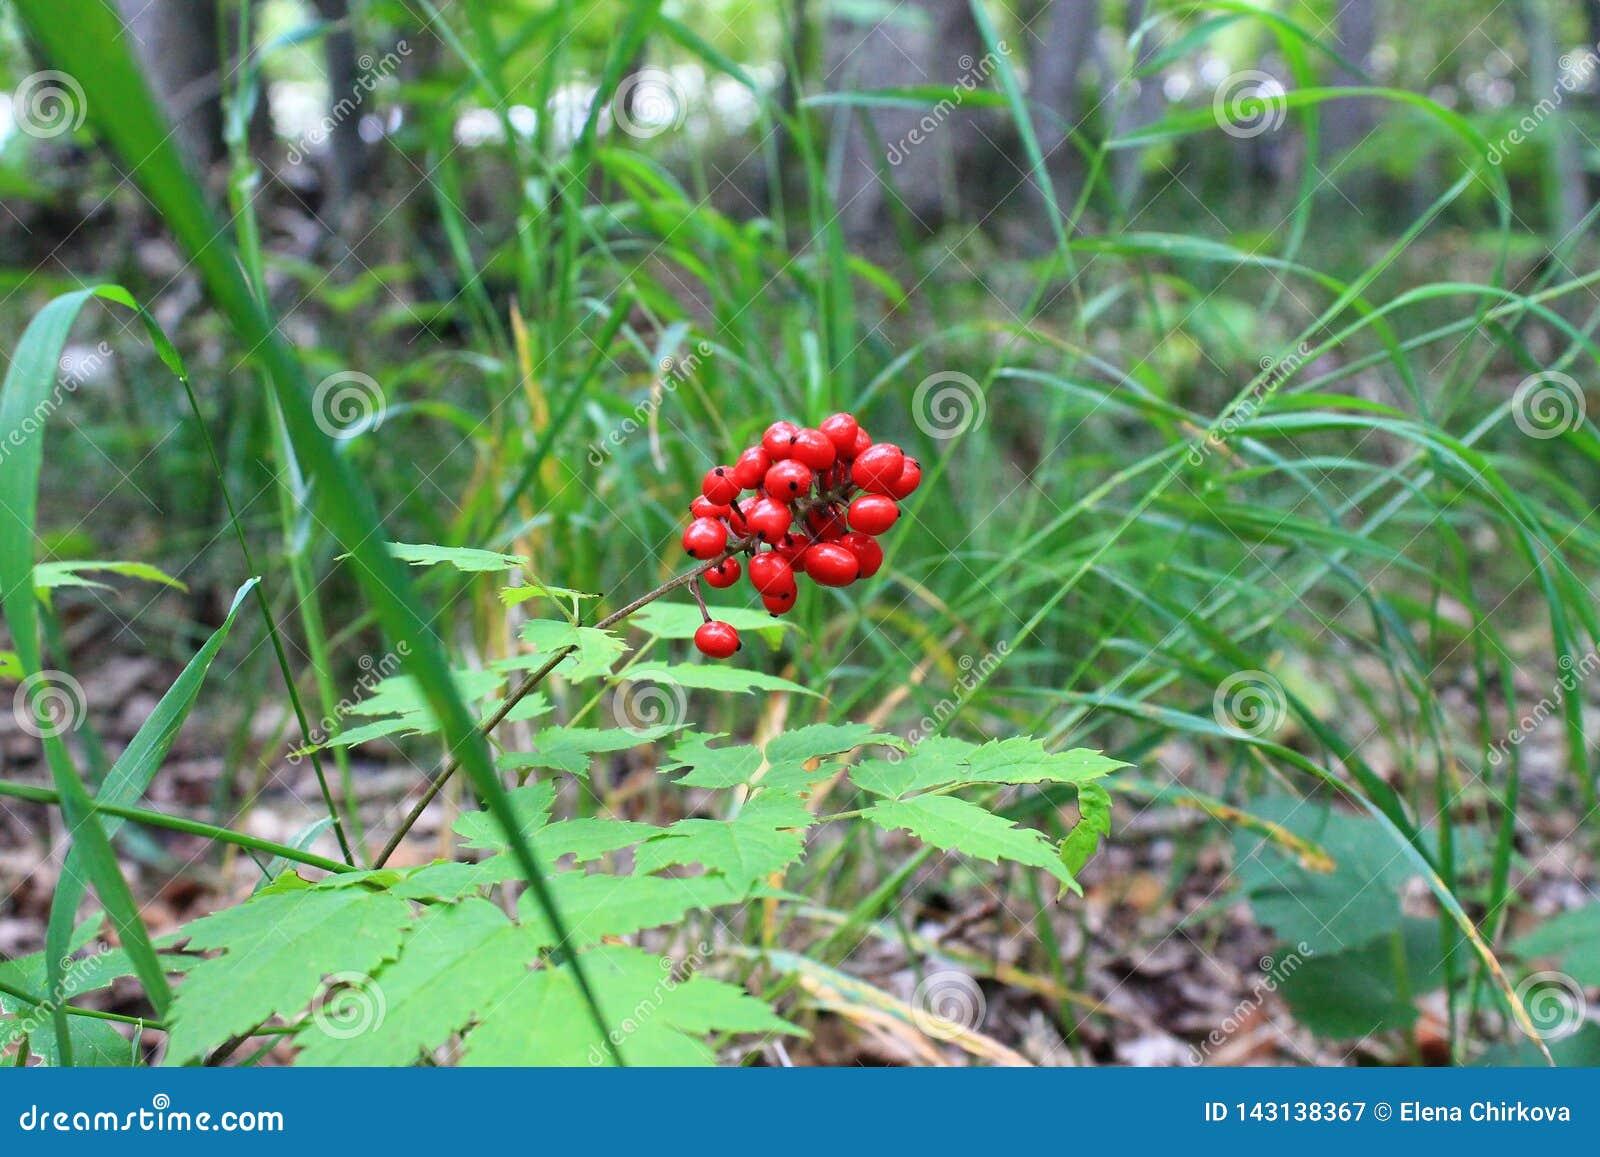 Un mazzo di bacche rosse contro un contesto delle erbe della foresta